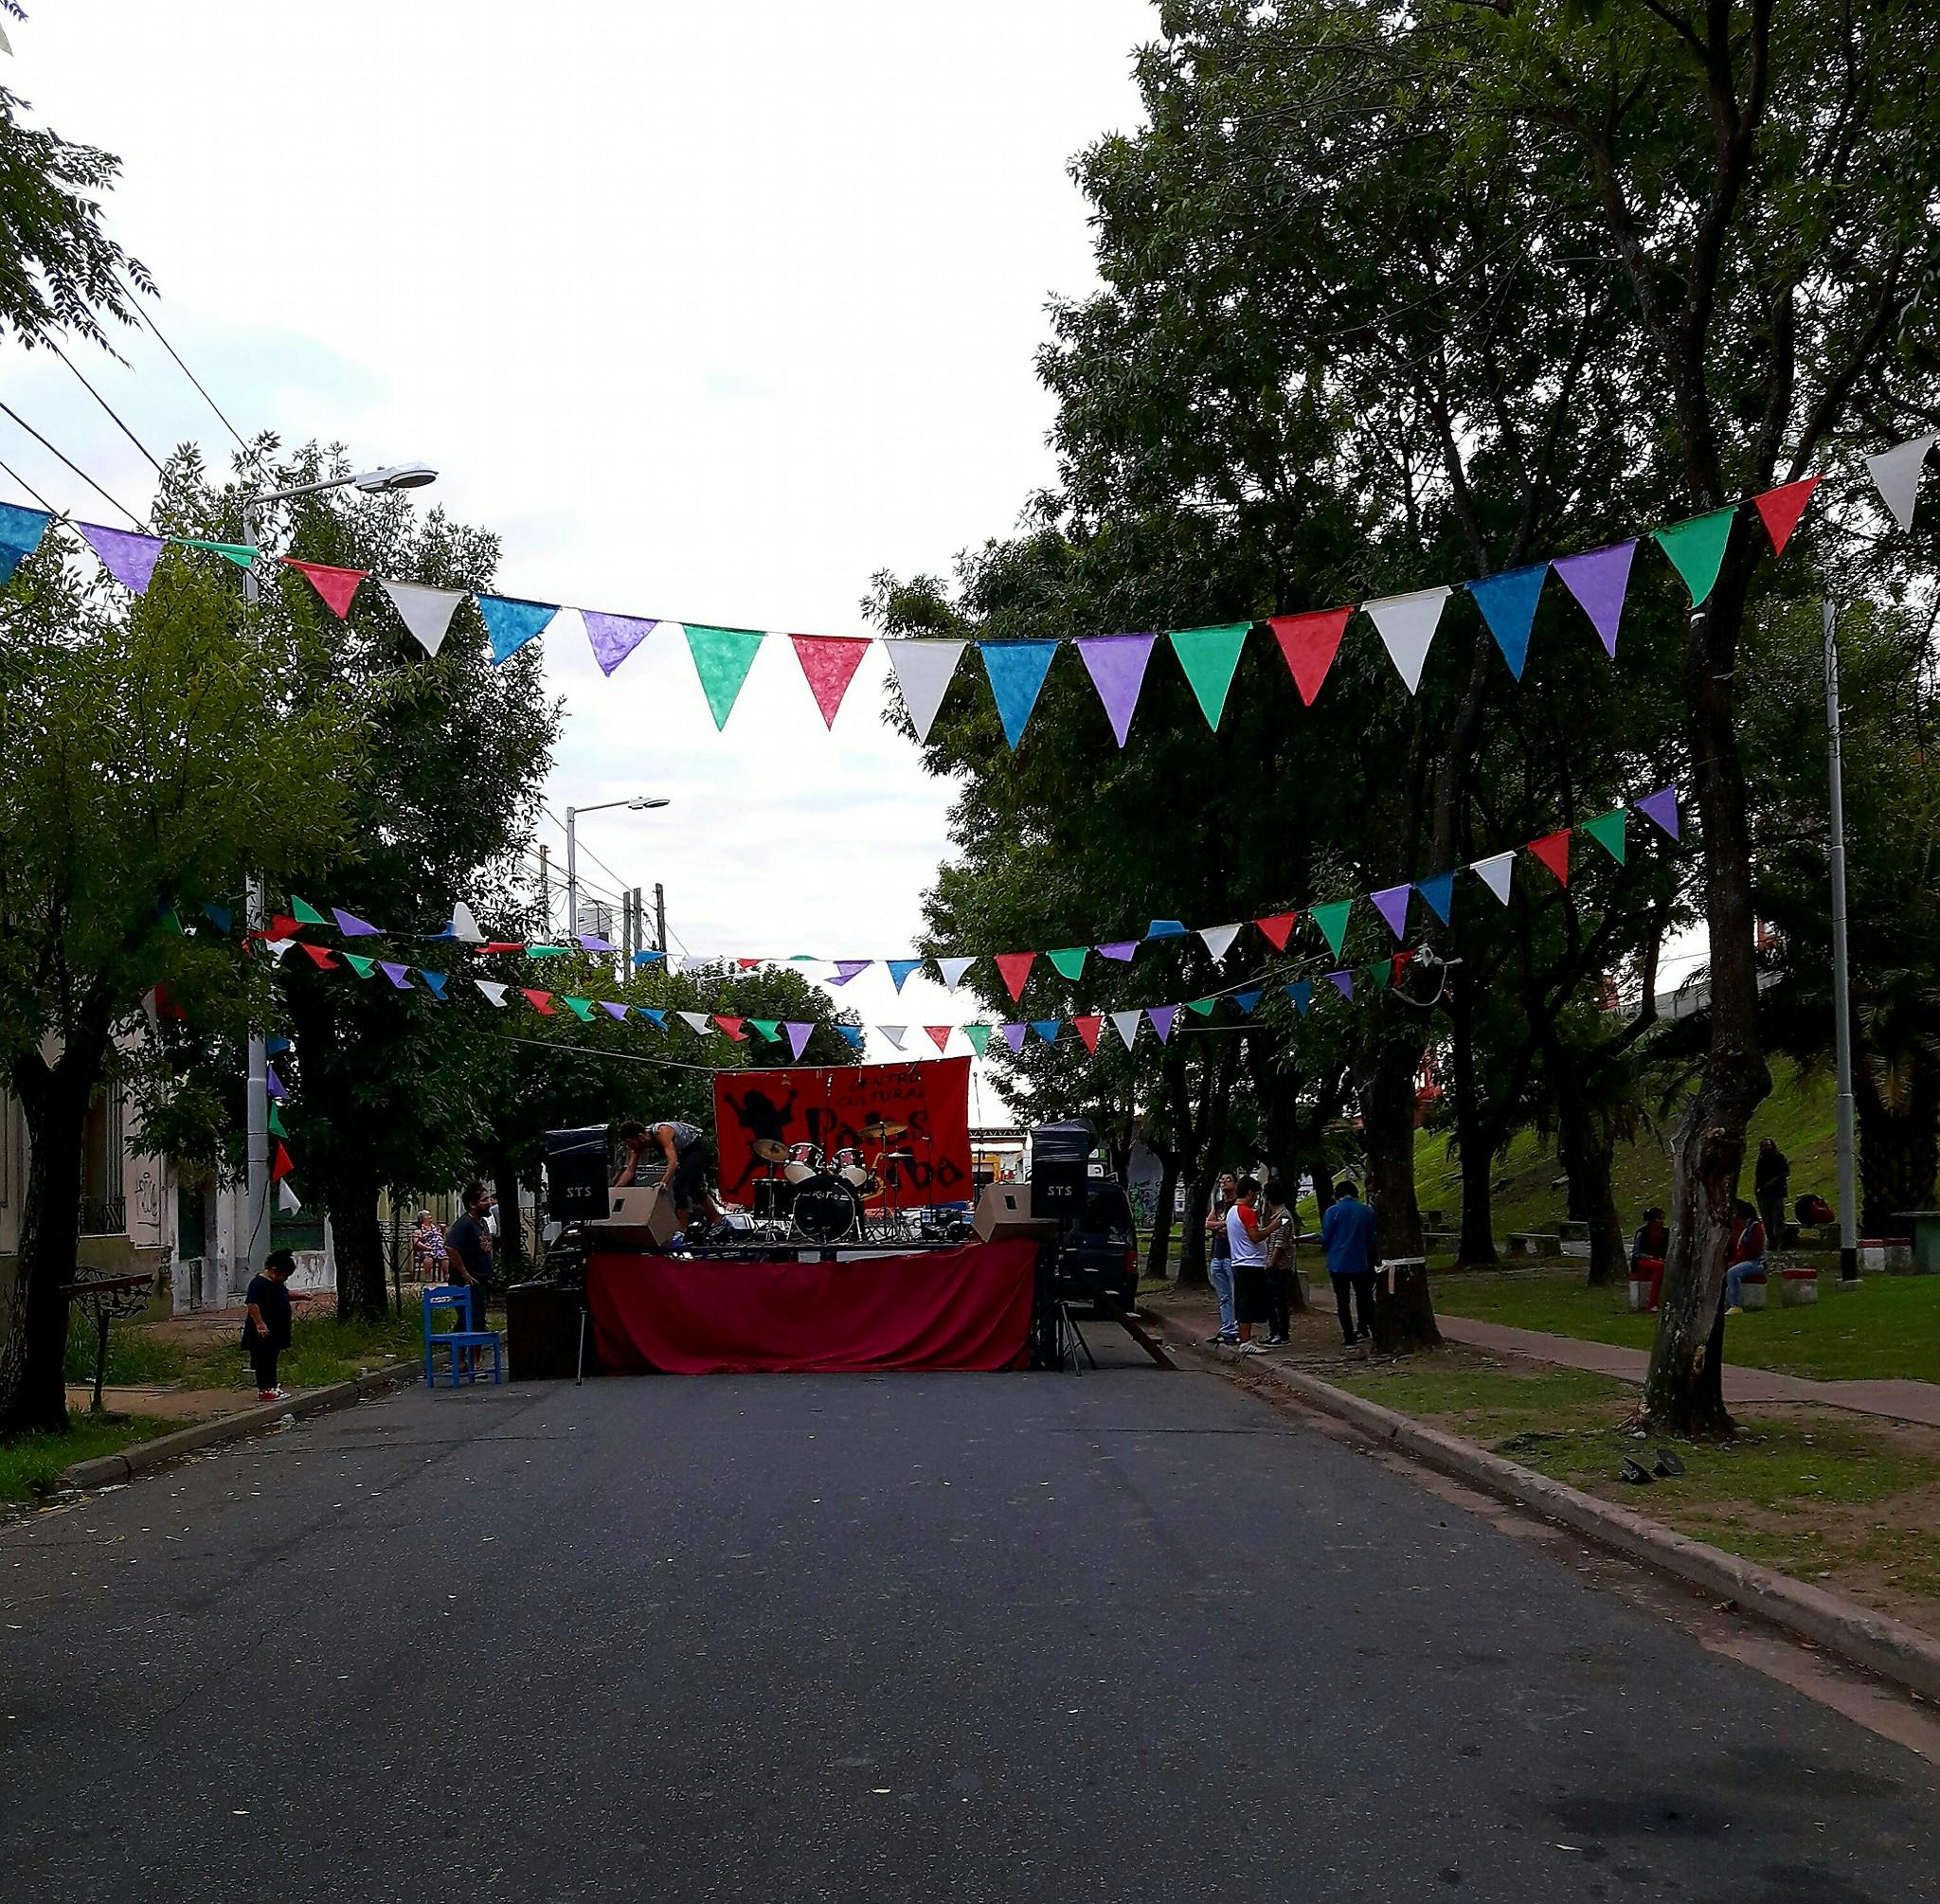 Corso Patas Arriba 3 - Corso realizado por el Centro Cultural Patas Arriba